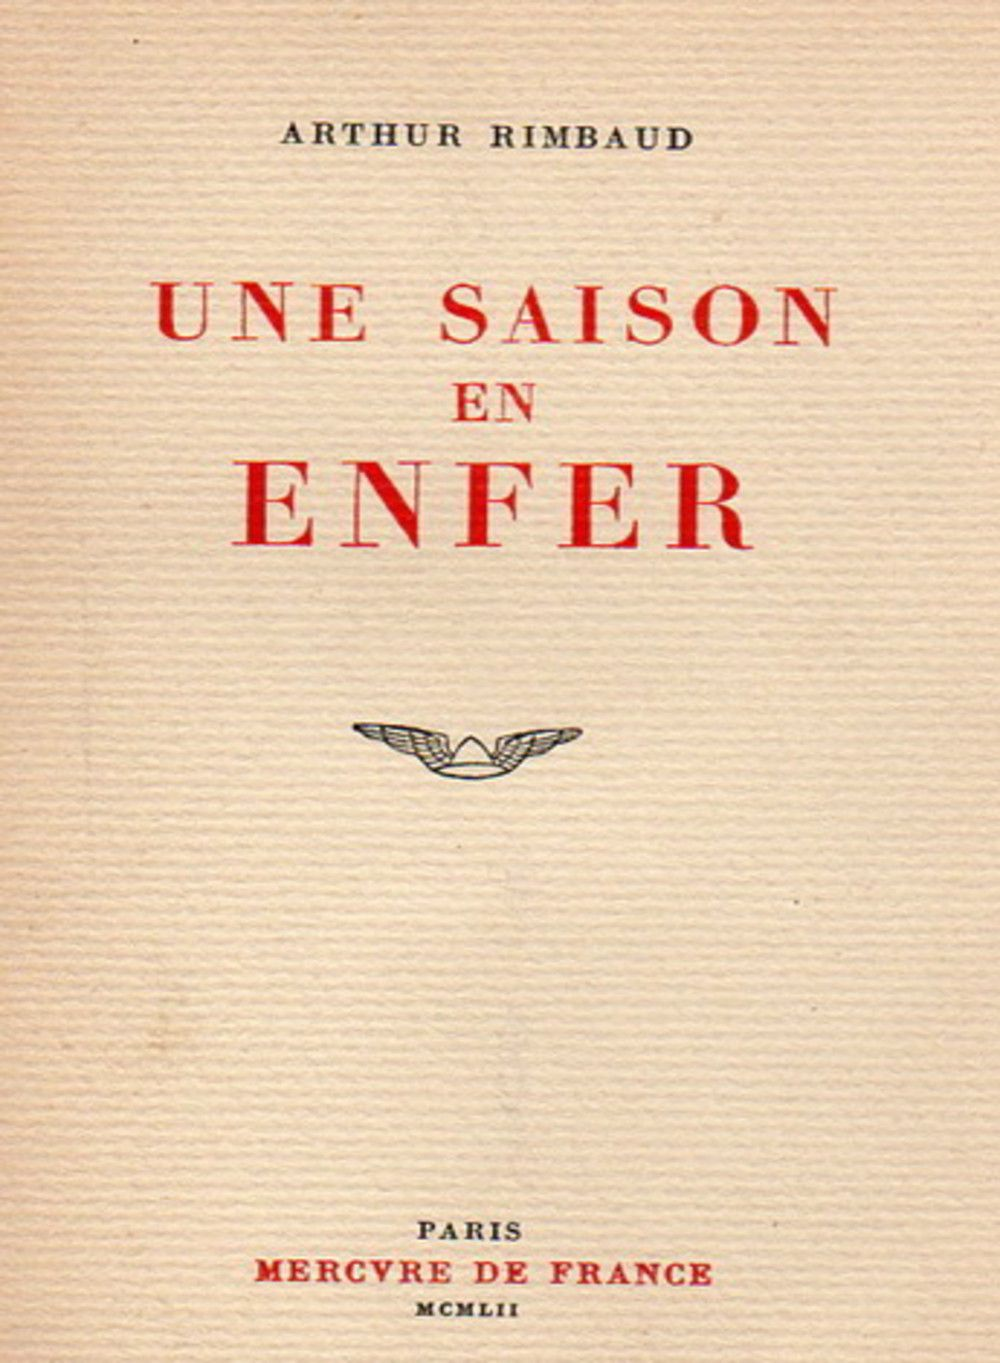 Une Saison En Enfer Arthur Rimbaud Une Saison En Enfer